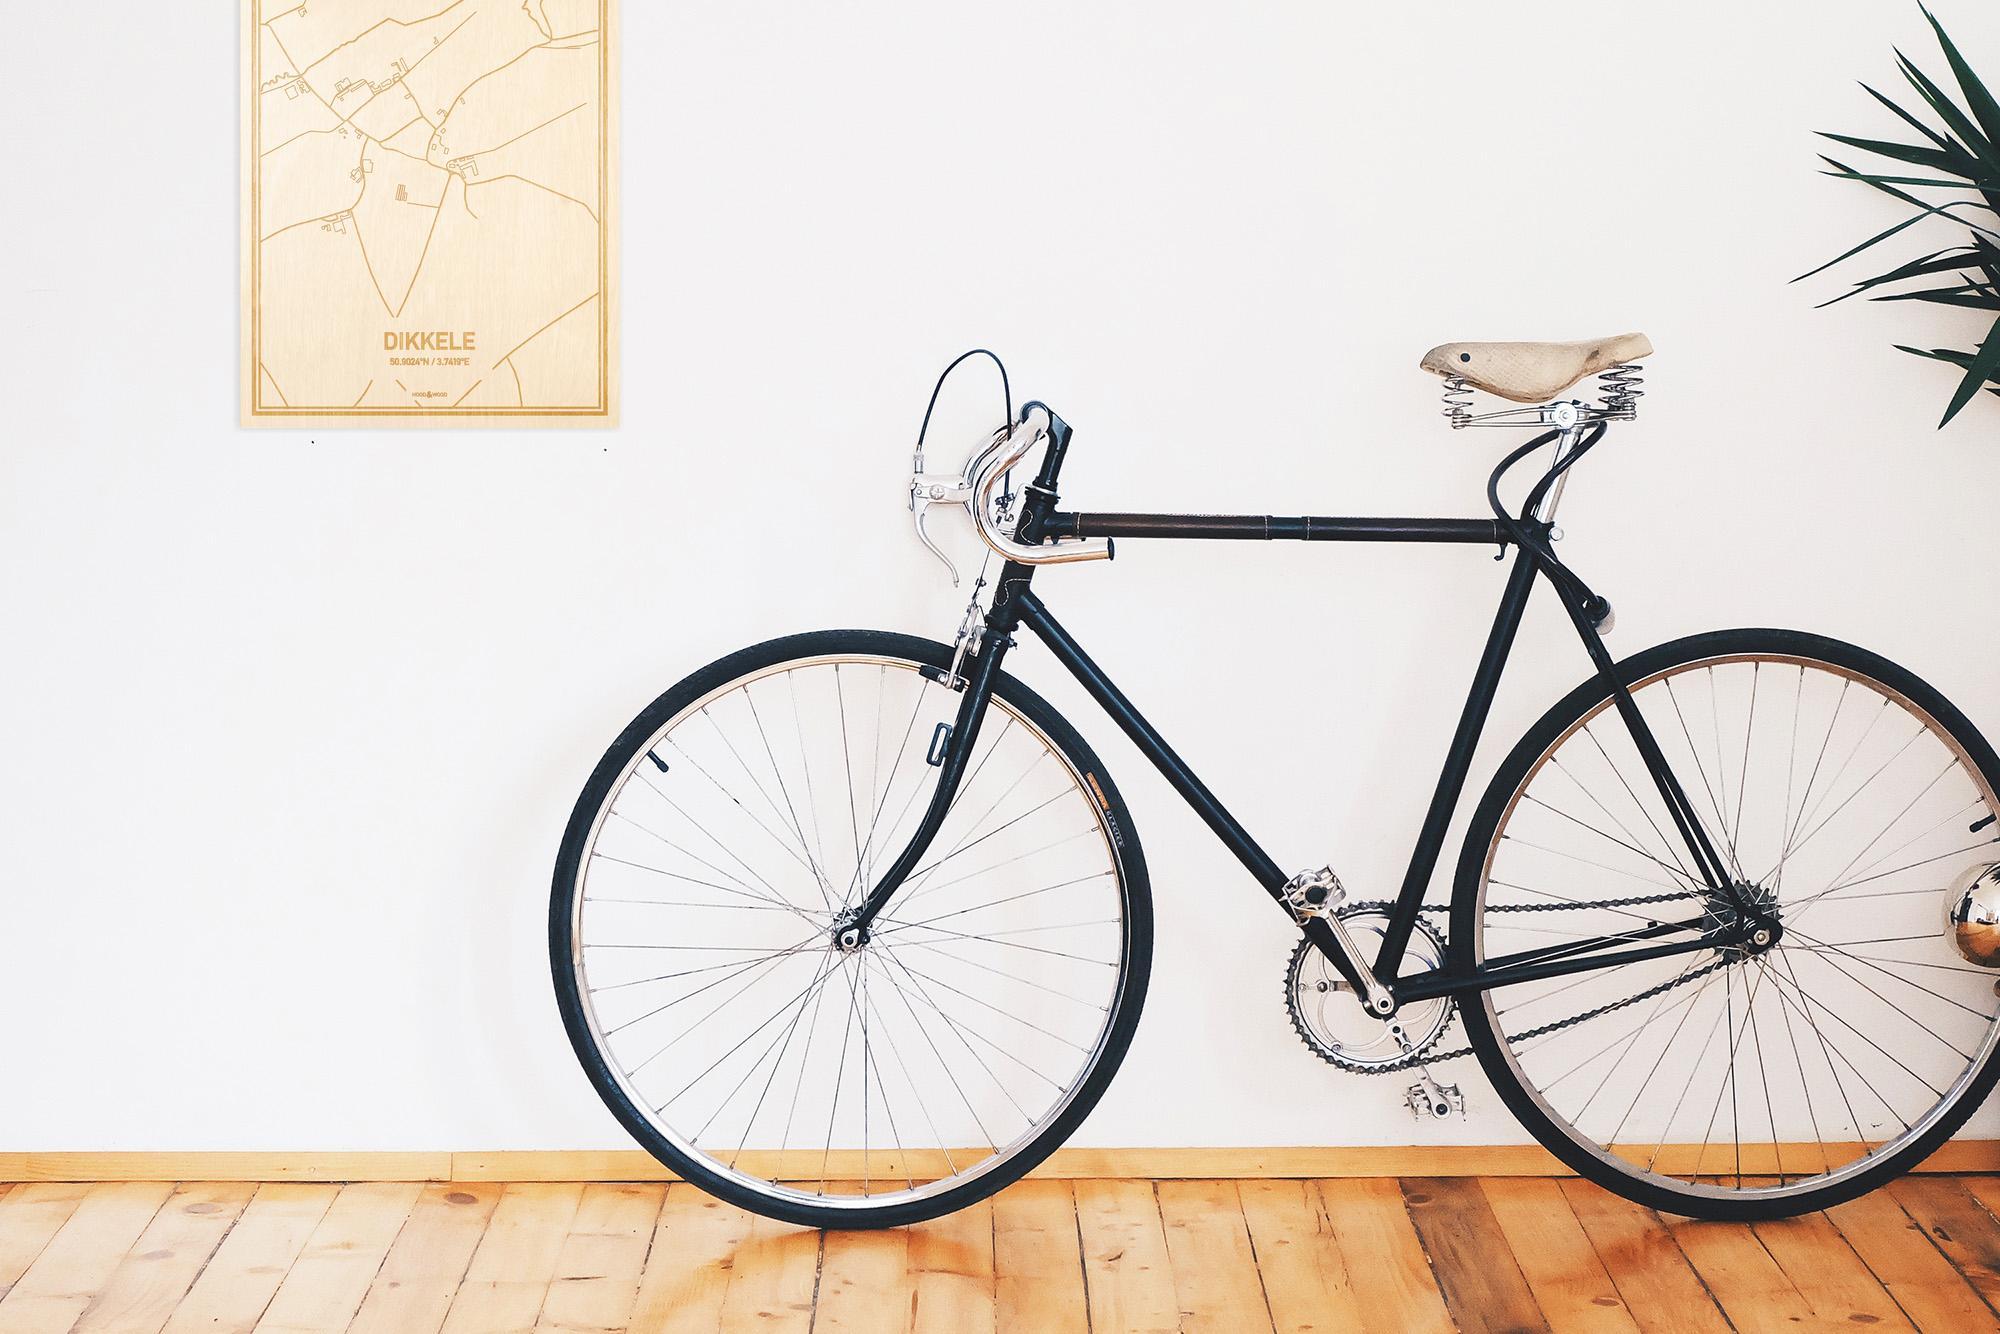 Een snelle fiets in een uniek interieur in Oost-Vlaanderen  met mooie decoratie zoals de plattegrond Dikkele.